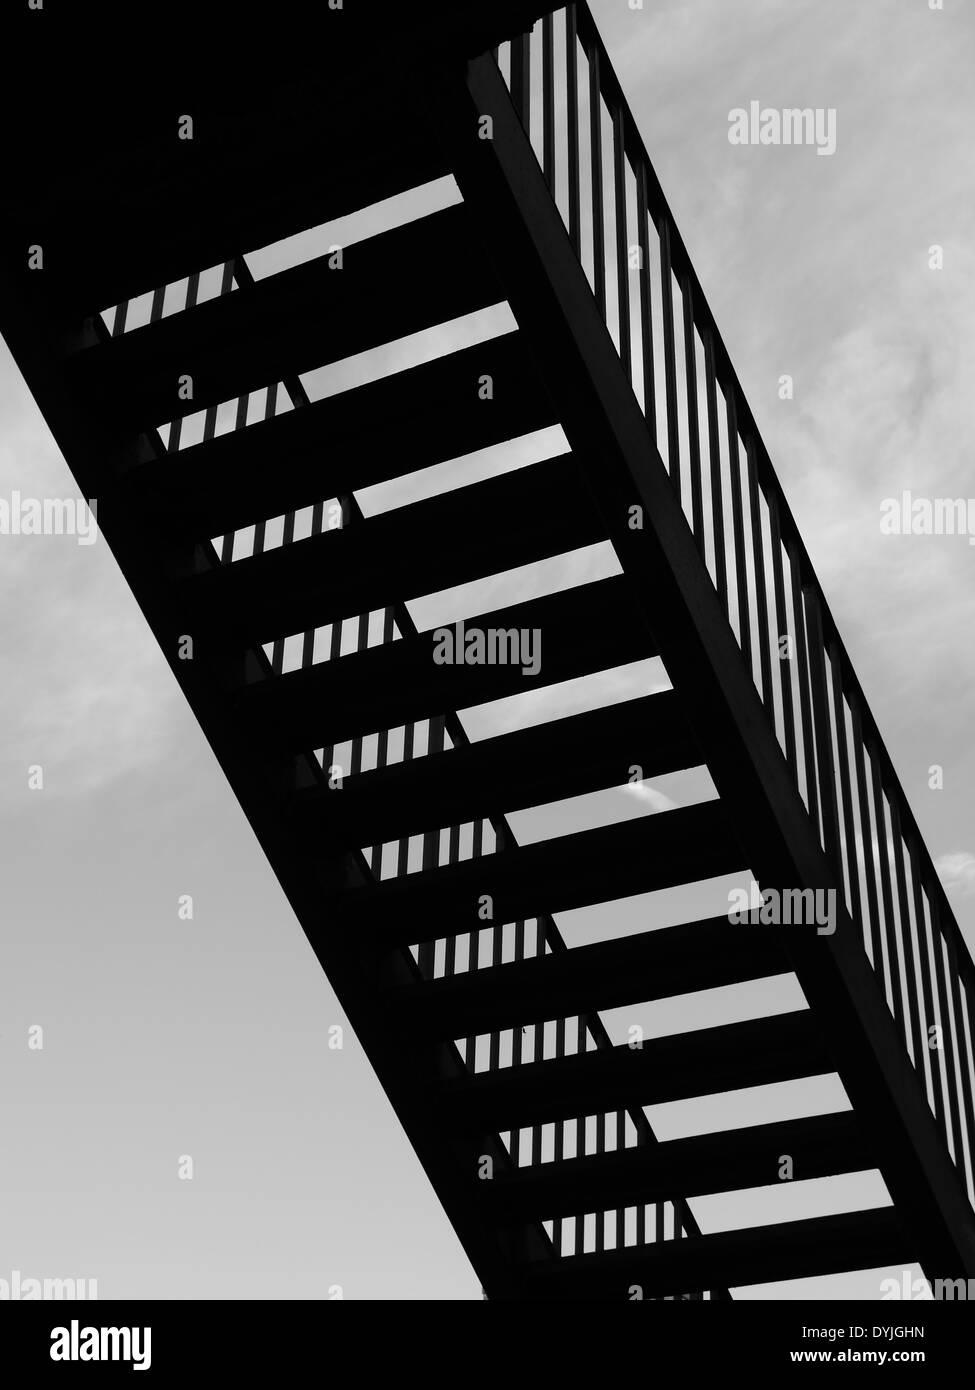 Immagine astratta della scala metallica in silhouette - arte / stile creativo Immagini Stock